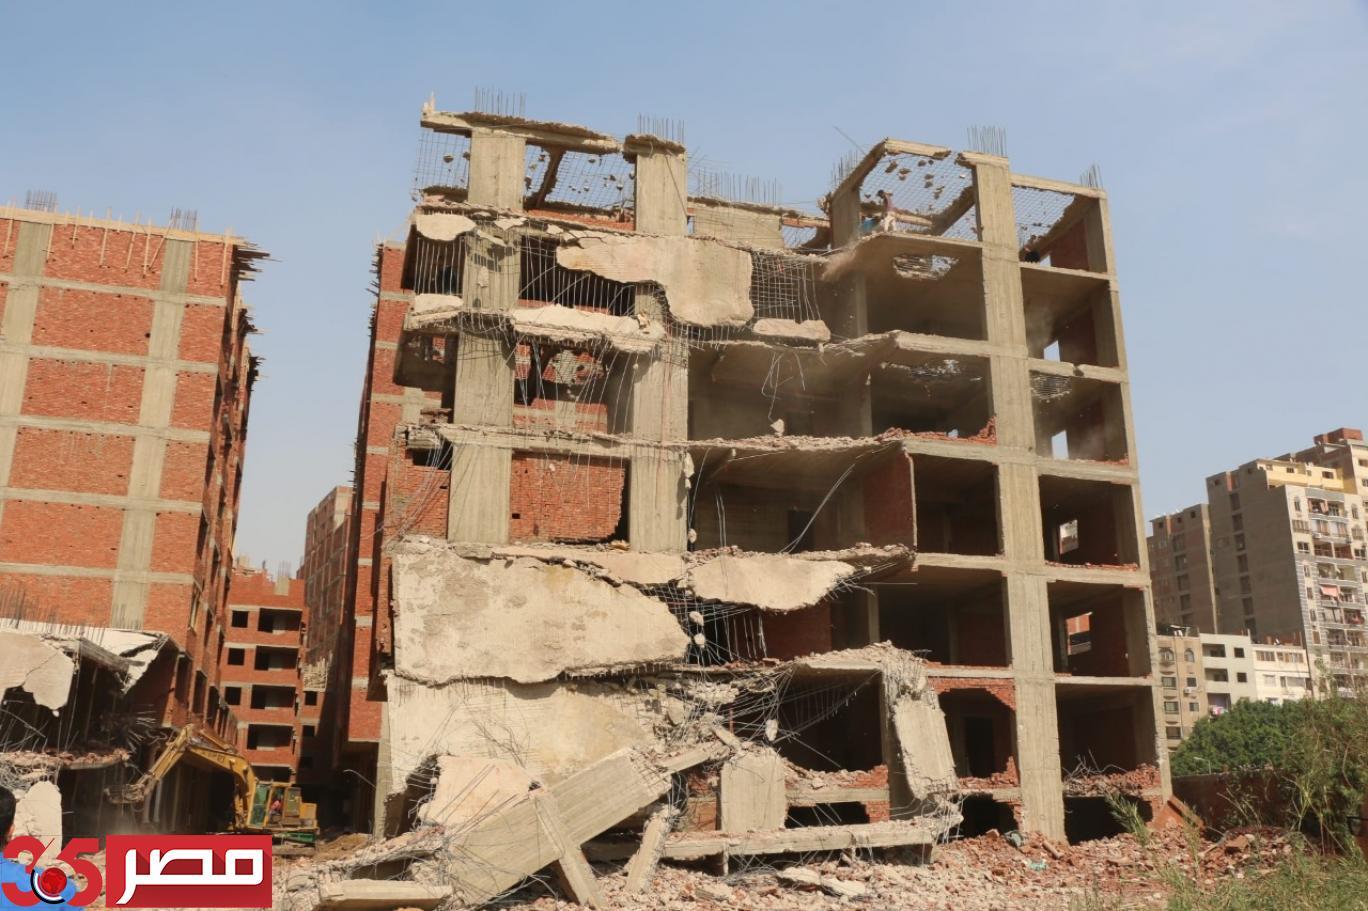 صورة التنمية المحلية تعلن عن تخفيضات جديدة على أسعار التصالح فى مخالفات البناء